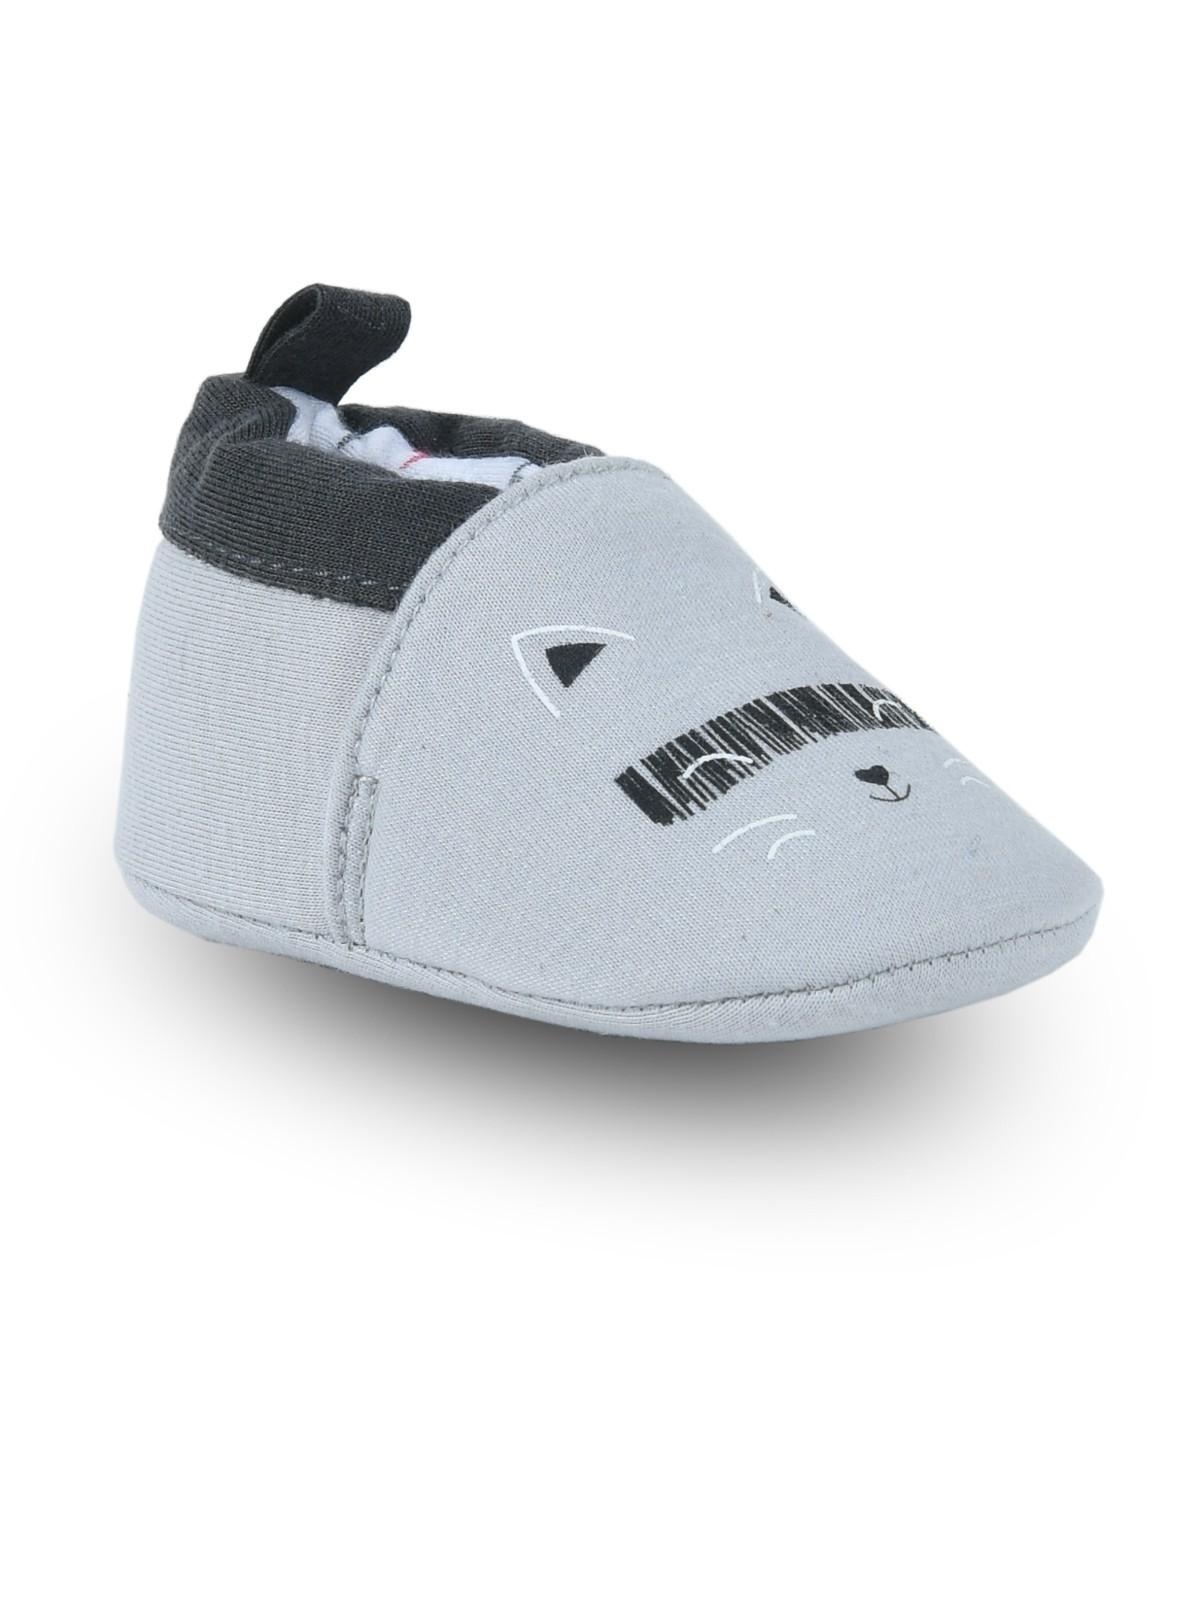 économiser 3e21e 6ab03 Chaussons bébé gris garçon (16-20) - DistriCenter